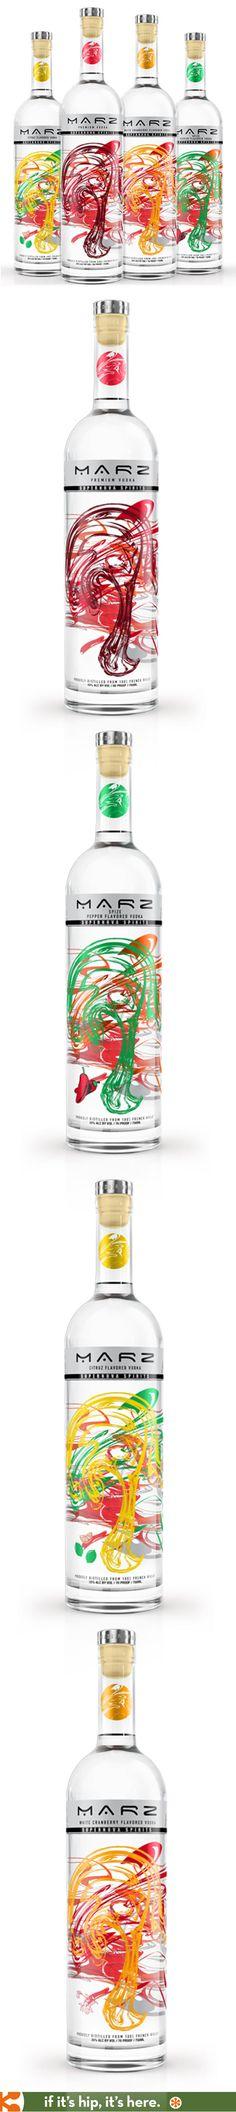 MARZ premium vodkas colorful bottle designs.